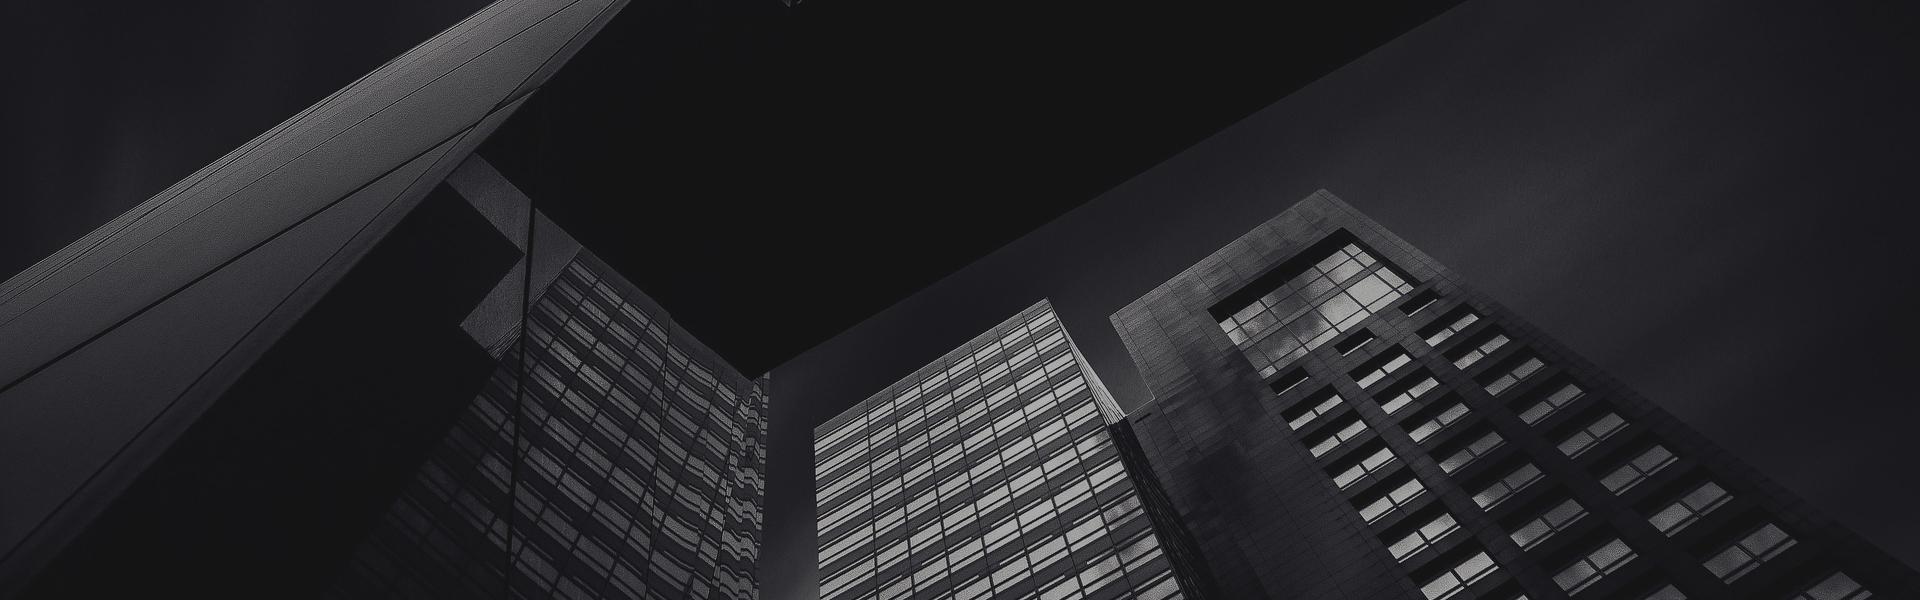 building main slide black white gray